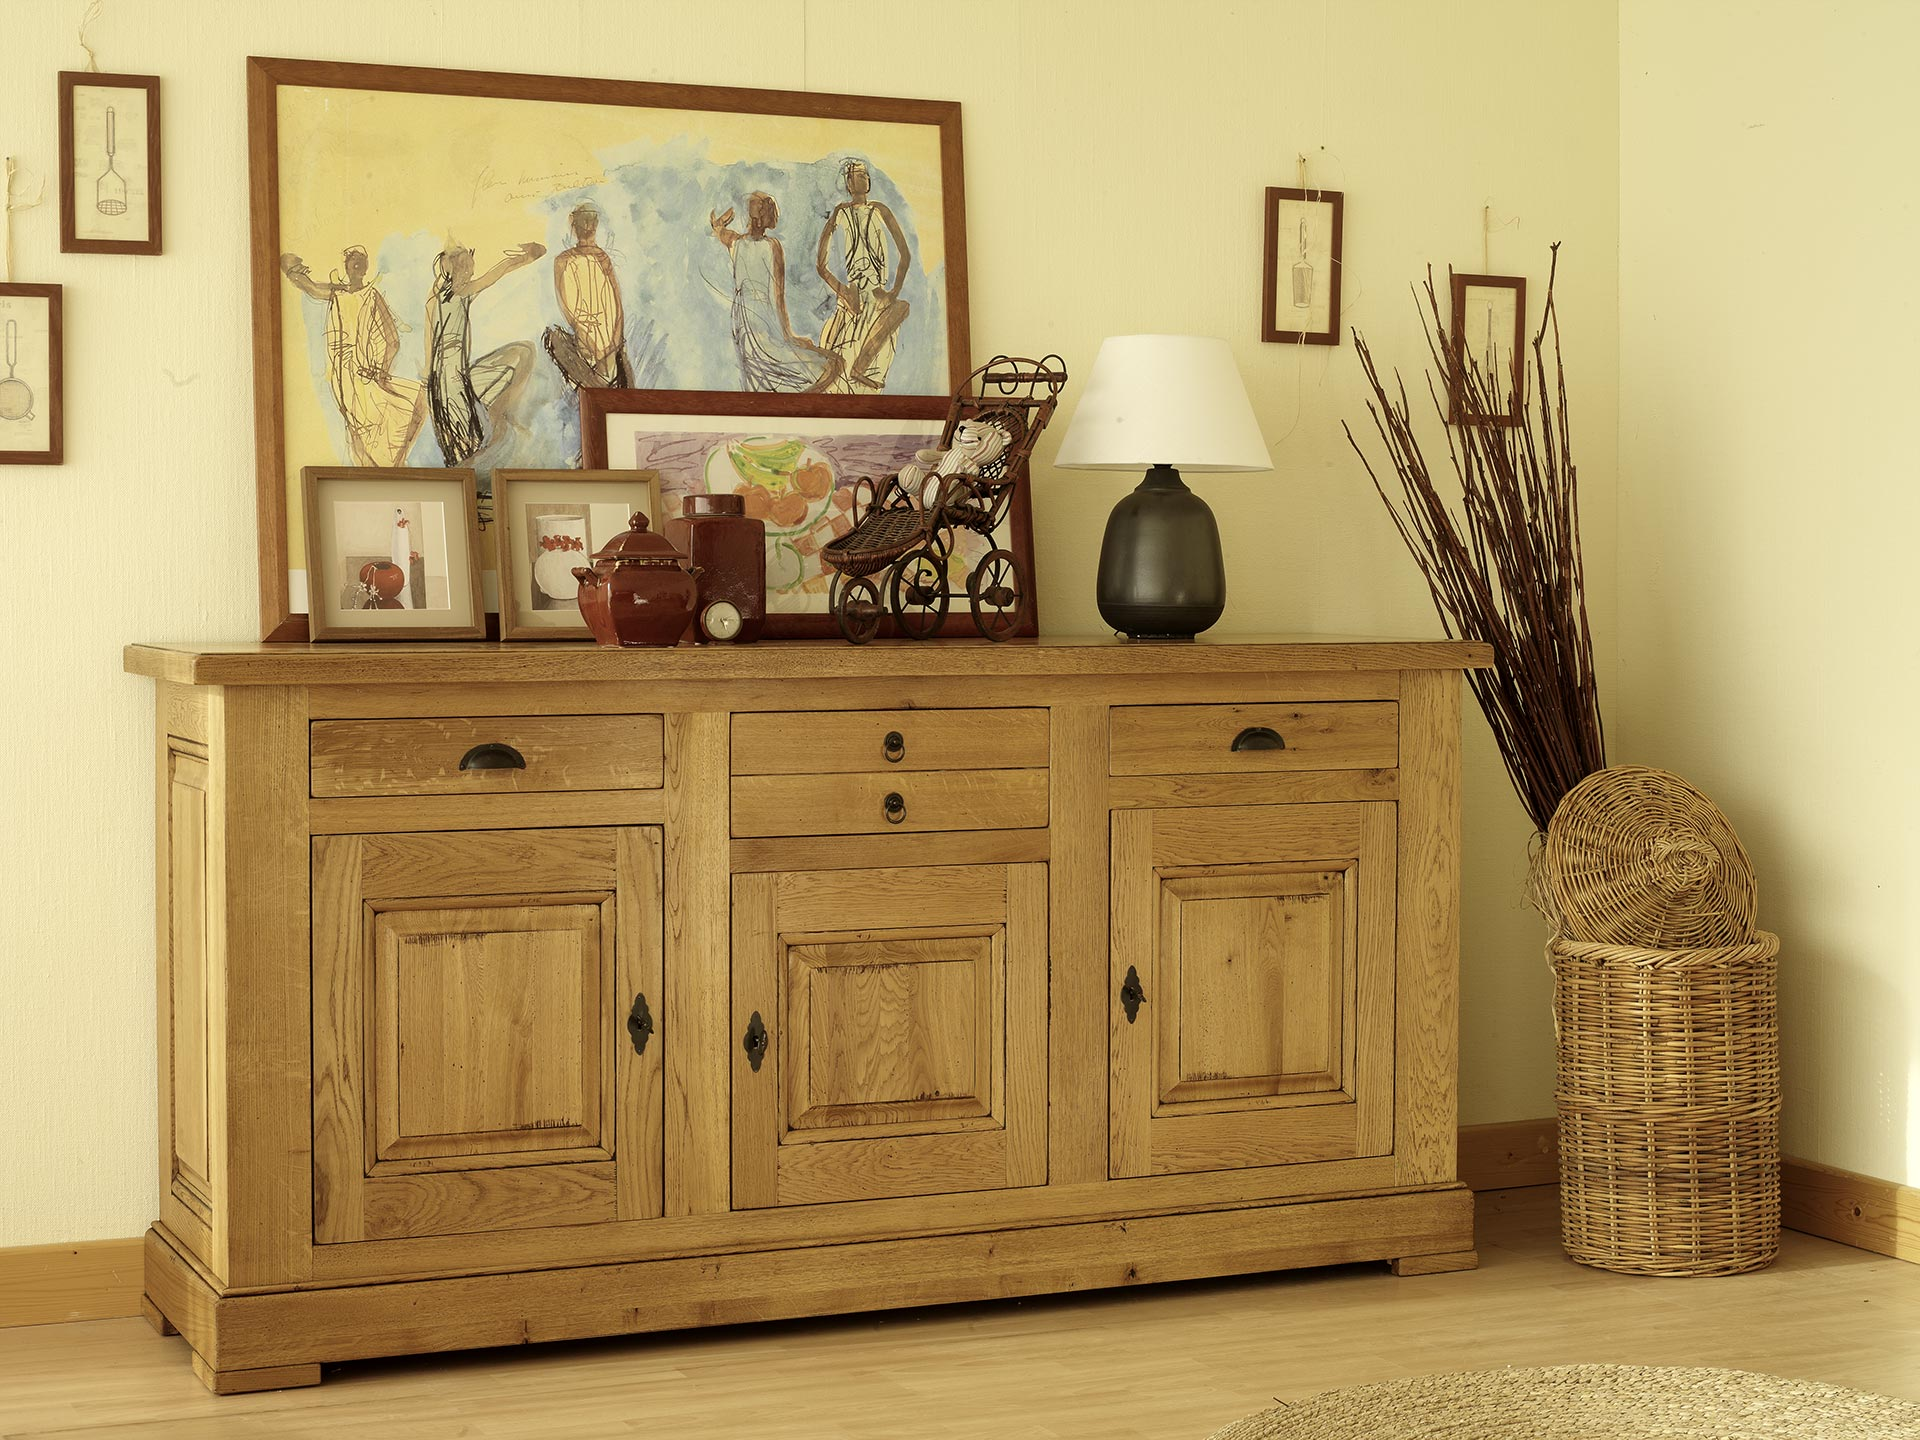 meubles massifs de style campagne , rustique et de tradition